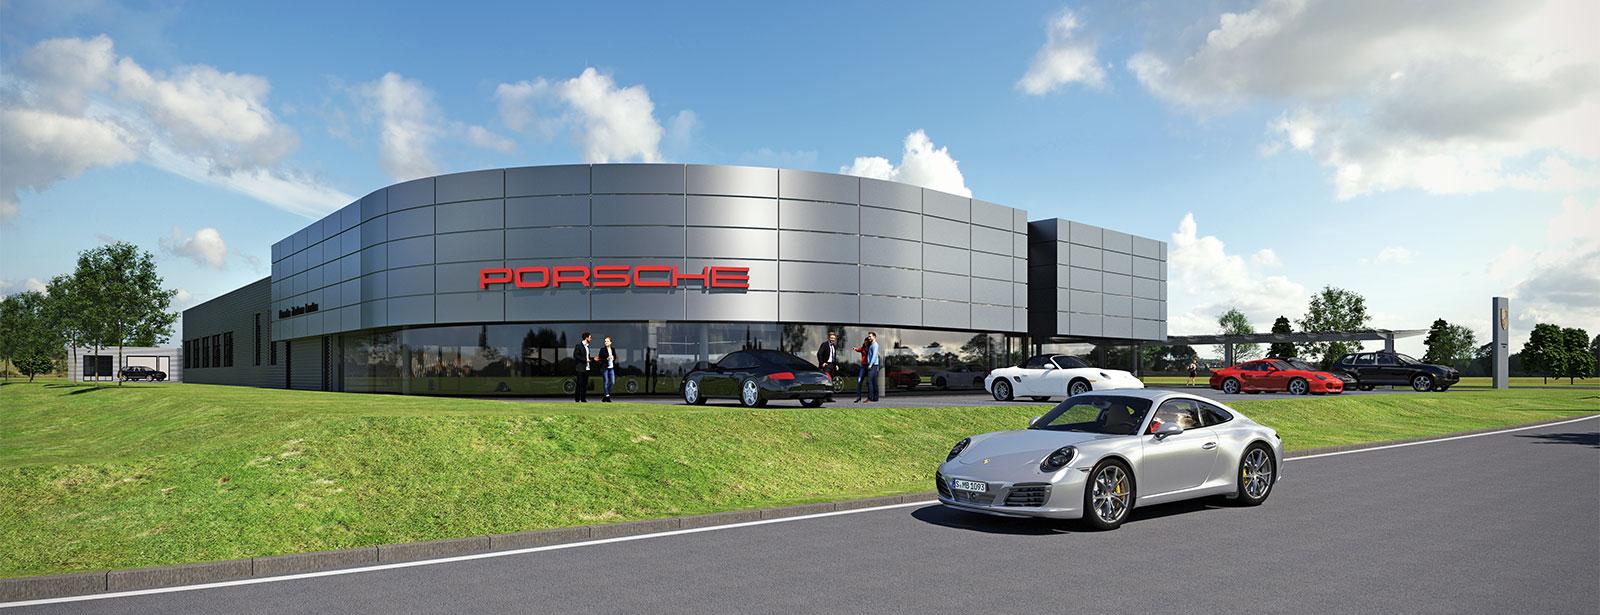 Faszination Porsche | Landau